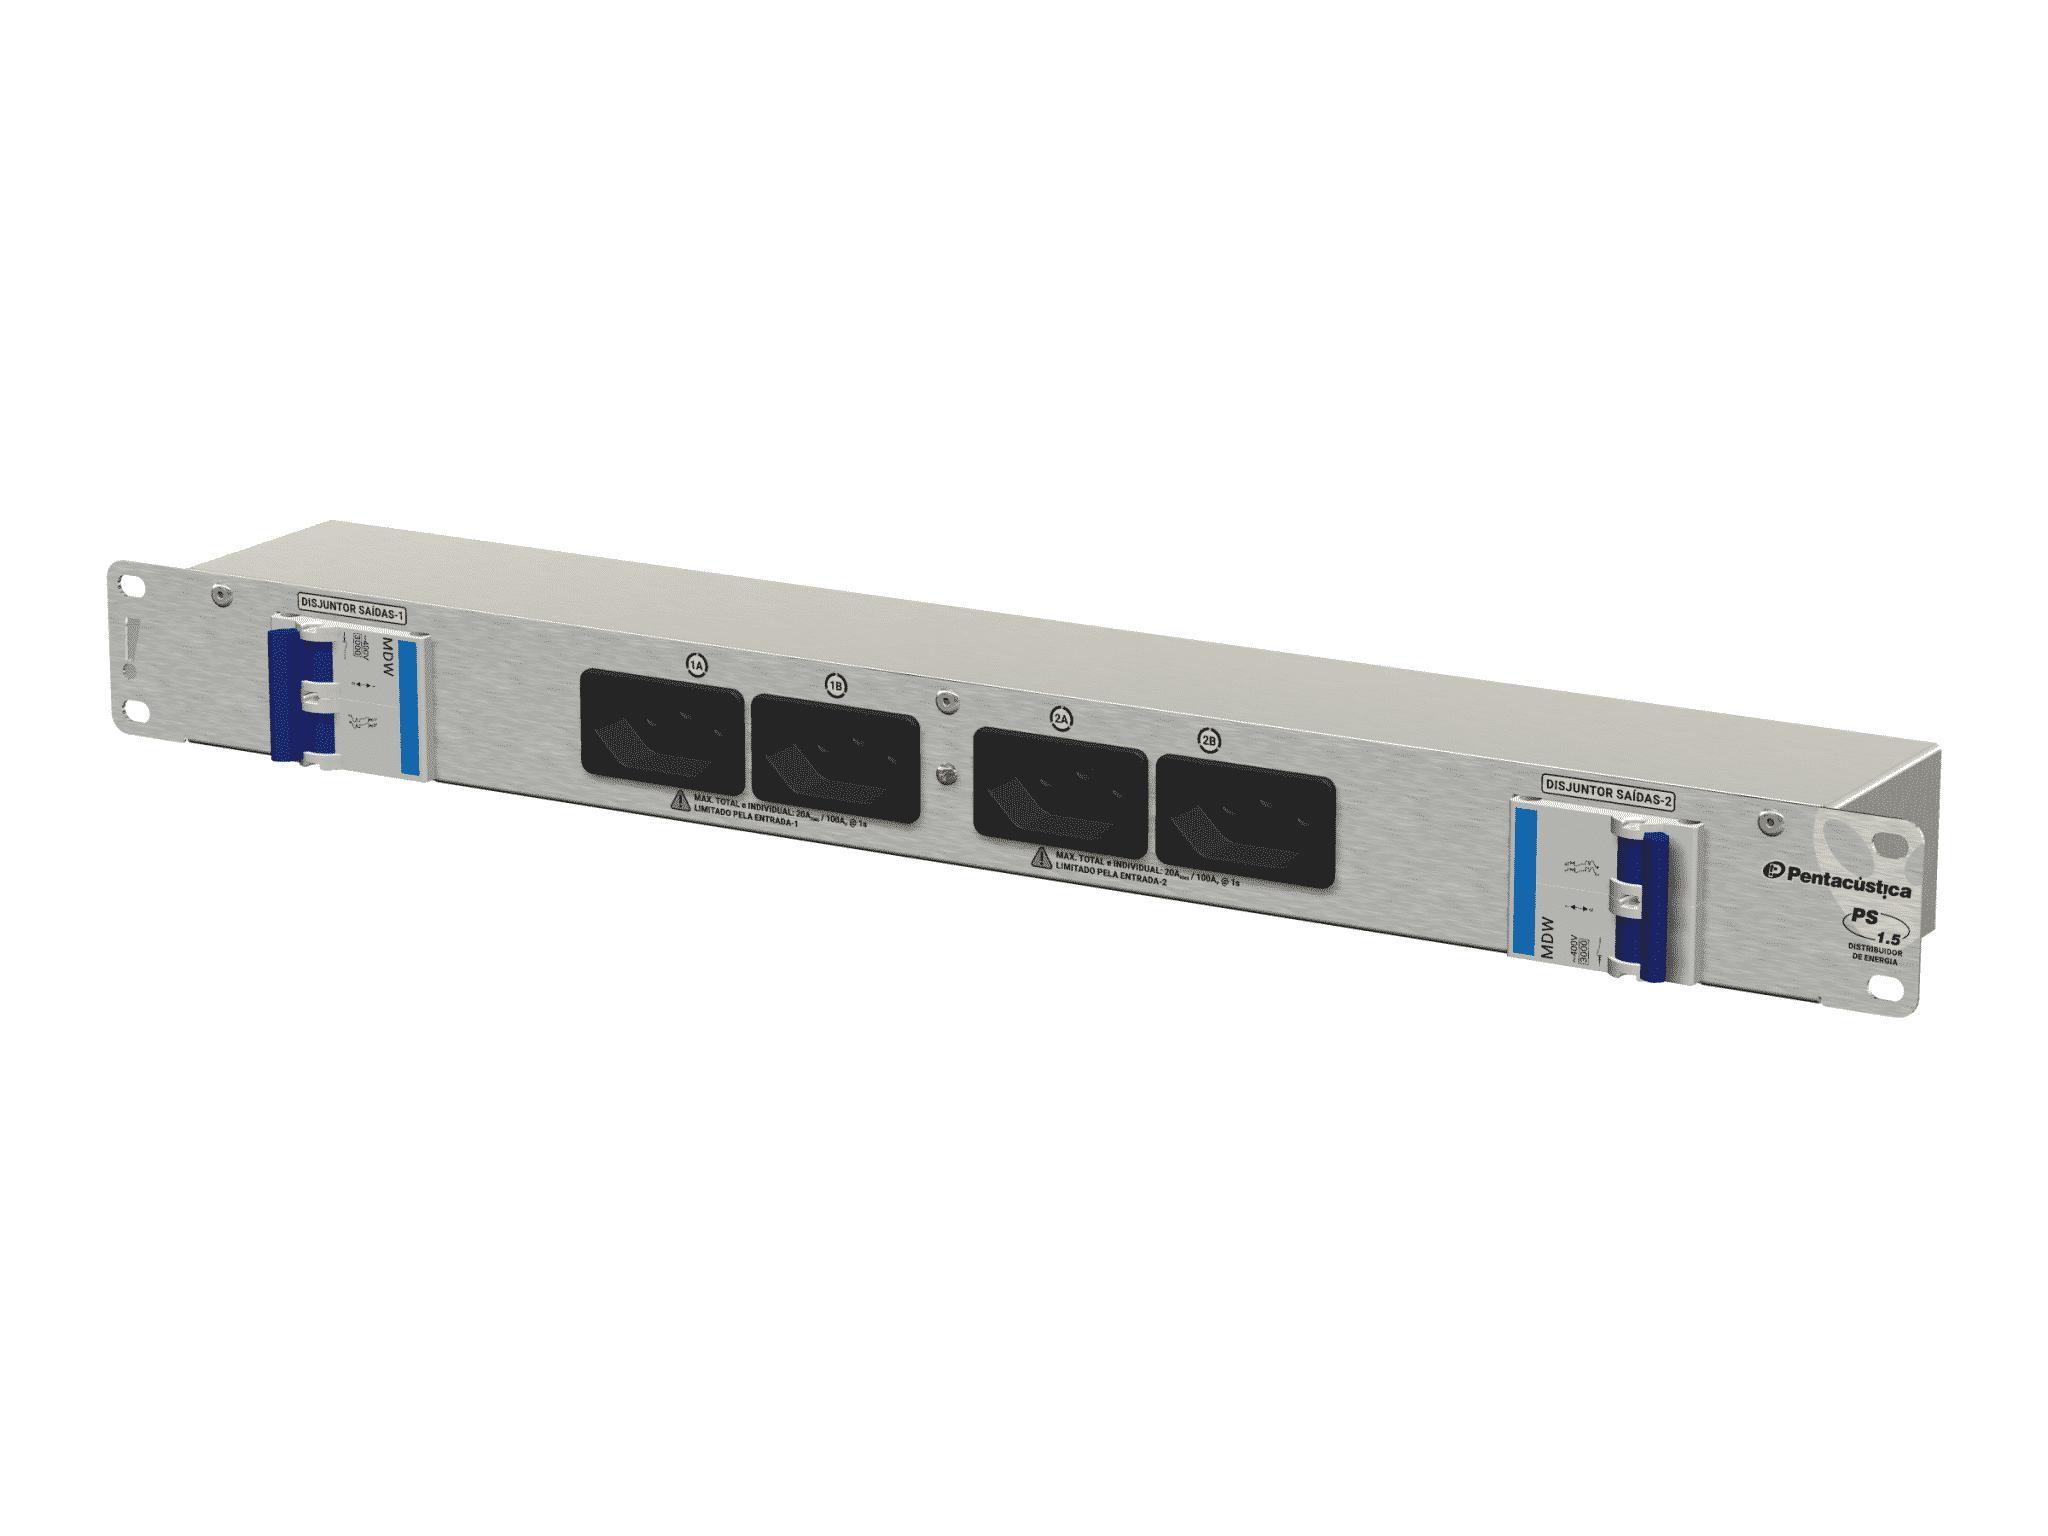 Distribuidor de energia PS-1.5 NBR 20C